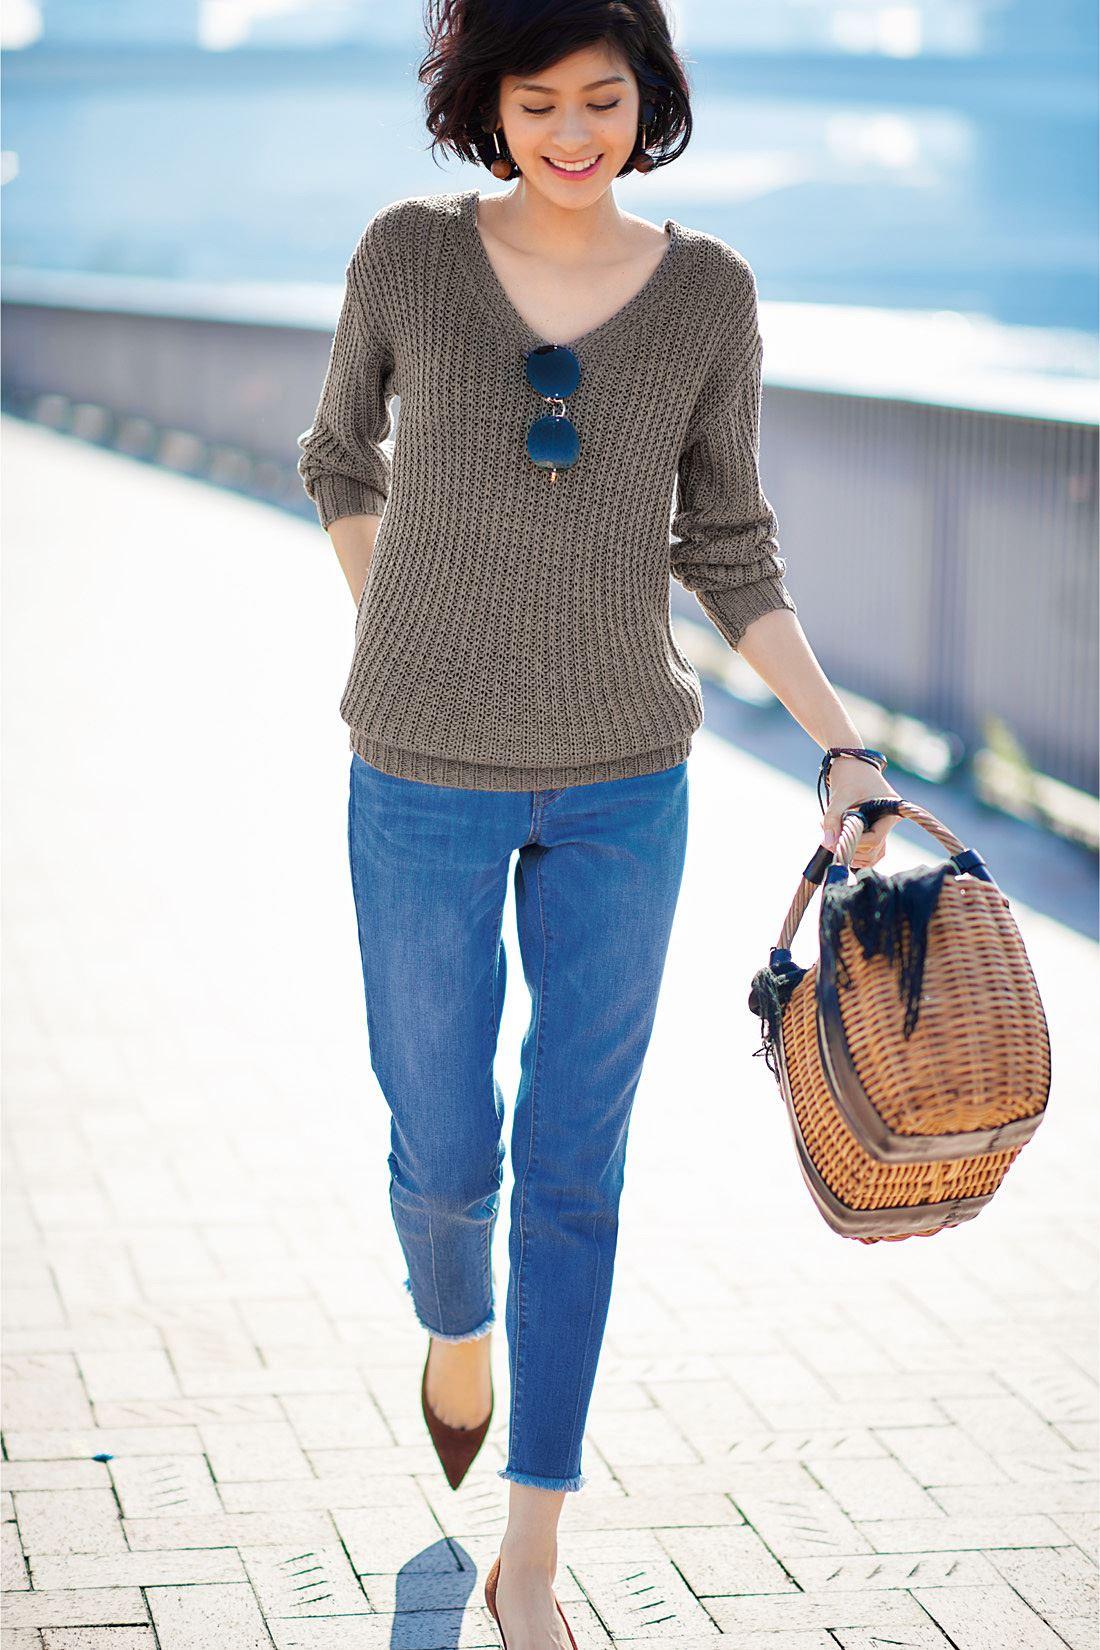 春だからデニムスタイルも肌見せで軽さを出すのが大人の着こなし術。女らしさが漂うゆる編みのニットは袖をプッシュアップして抜け感をつくって。足もともパンプスで軽さをキープ。Vラインの衿もとにサングラスでポイントをつくればさらに視線を引き上げて全身のバランスがスマートな印象になります。